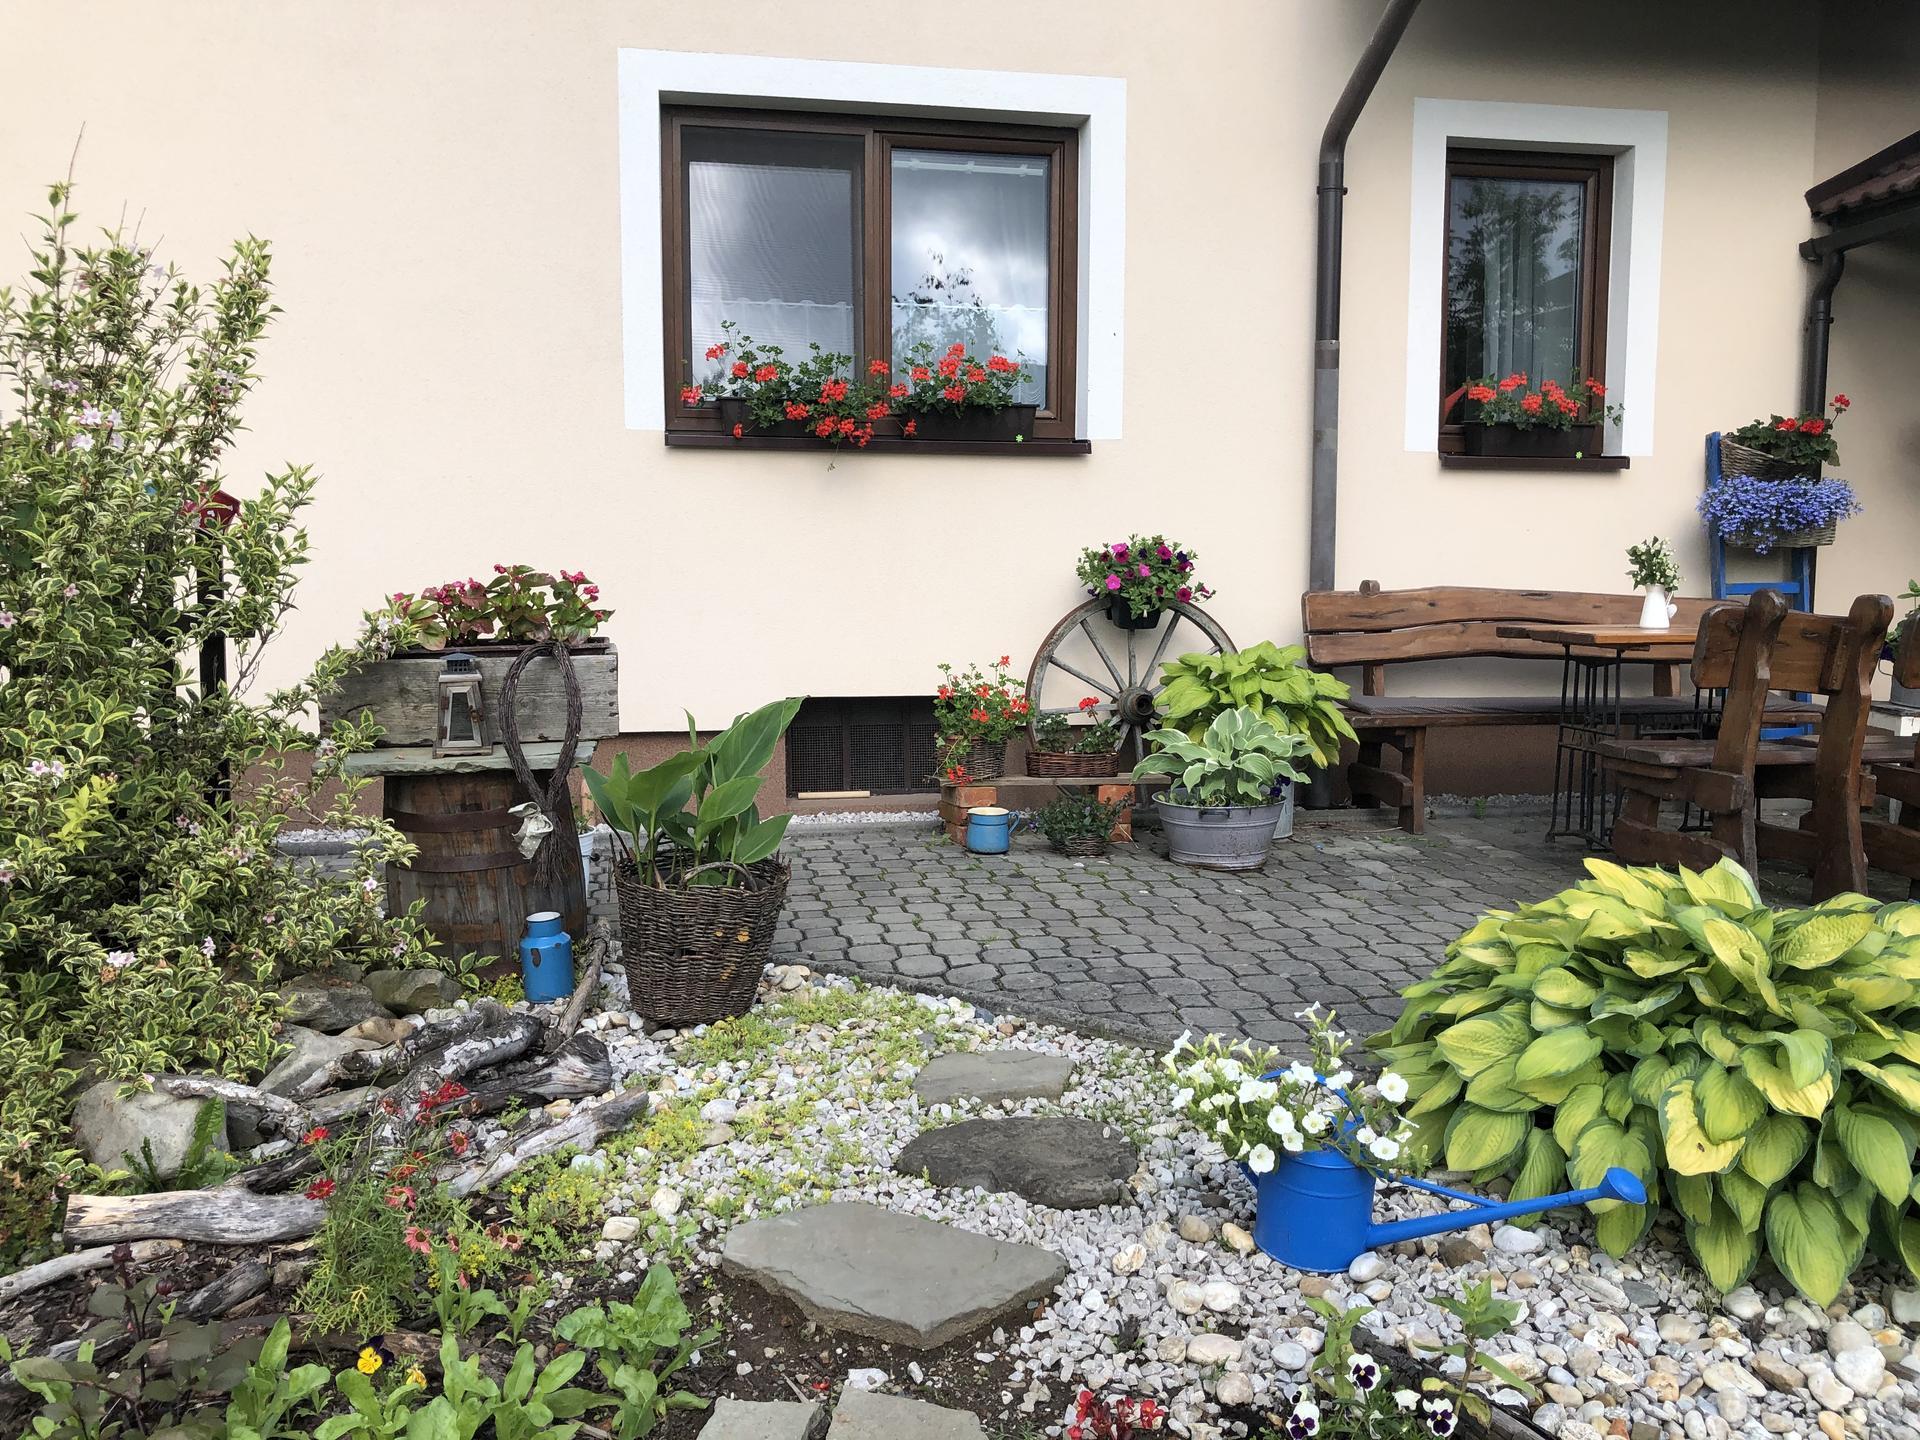 U nás doma a na zahradě 2020 - Obrázek č. 85